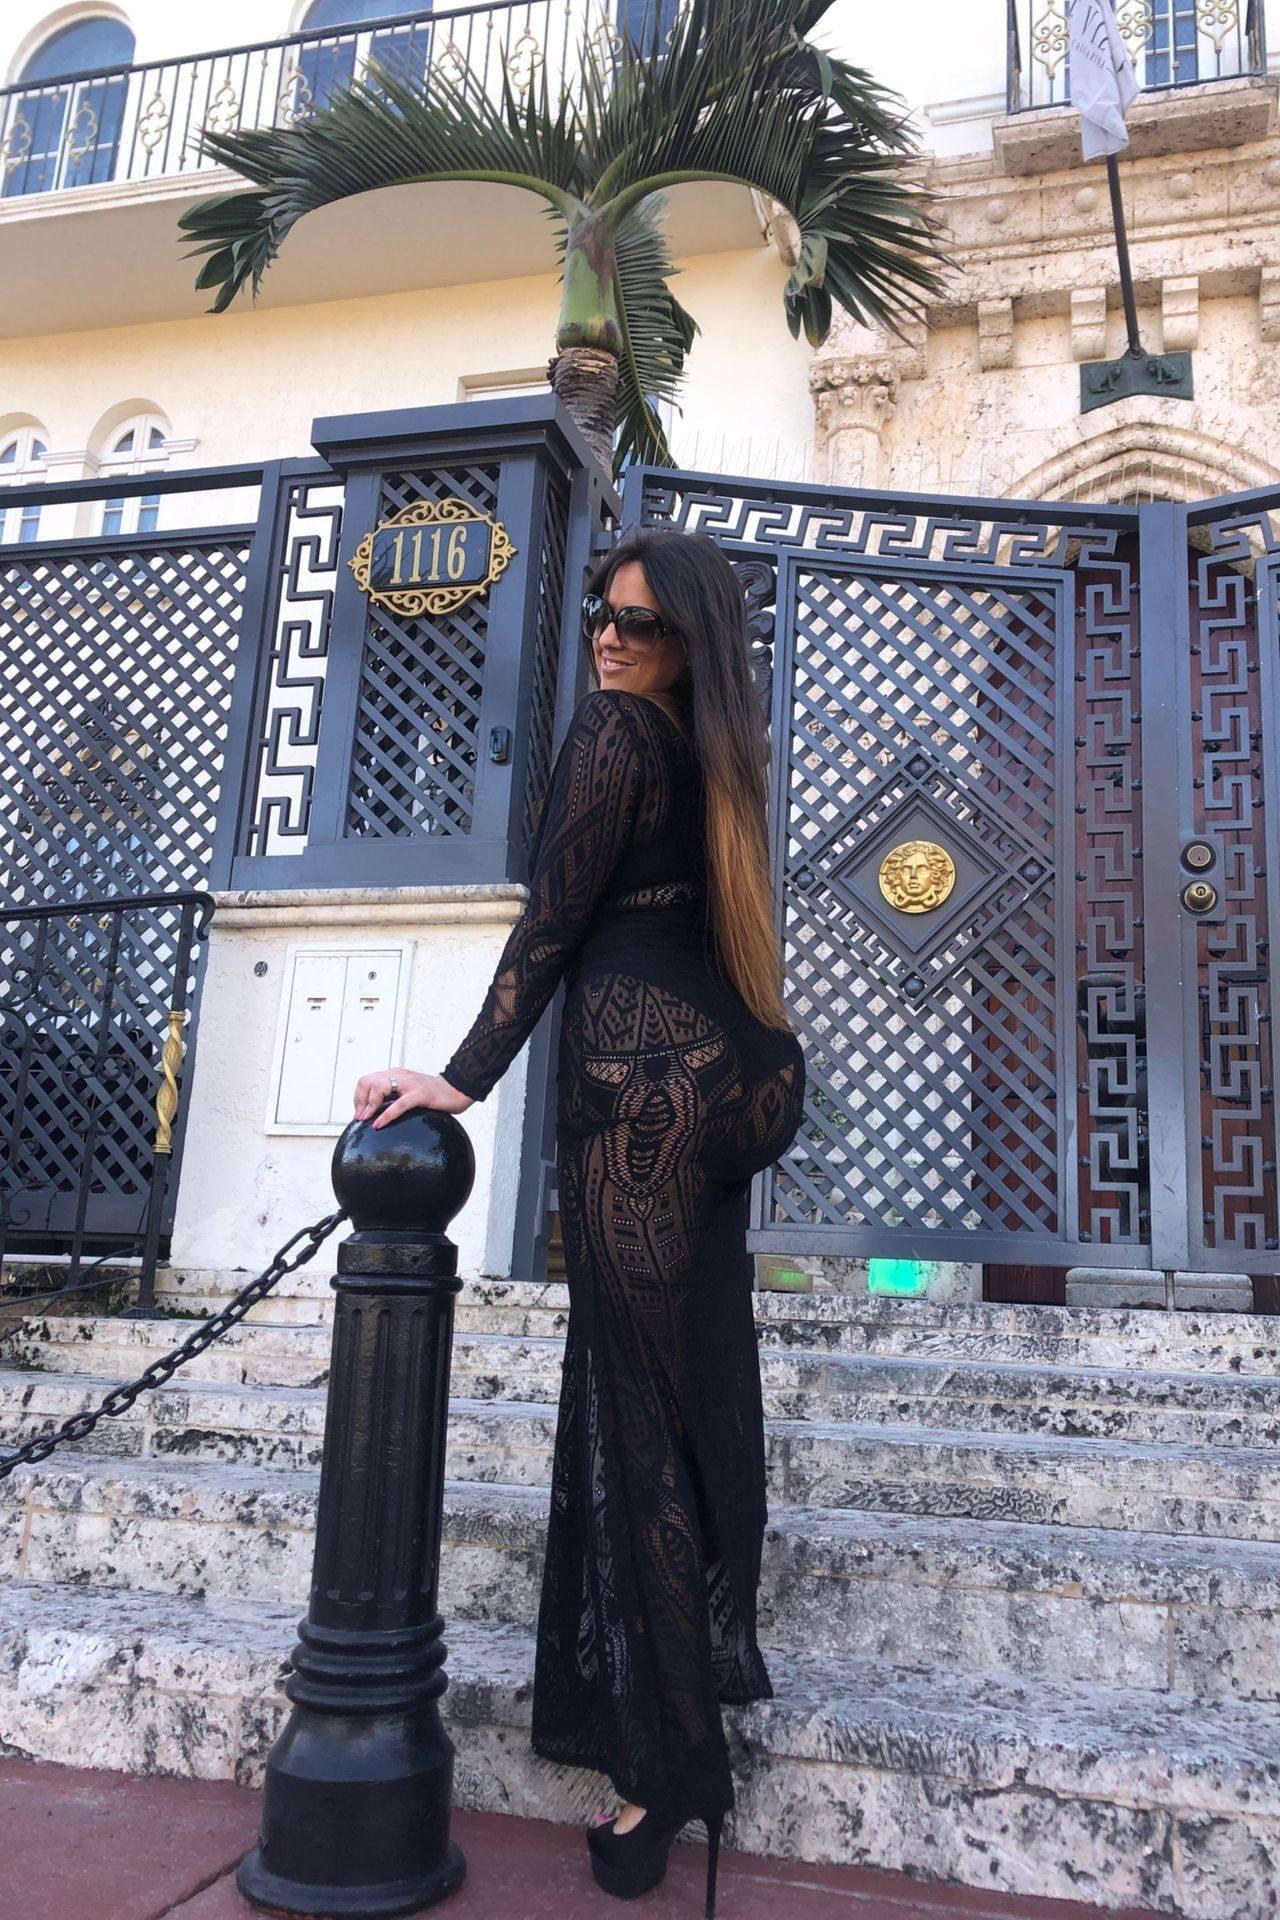 Claudia Romani – Sexy Legs And Big Boobs In Beautiful Black Dress 0015